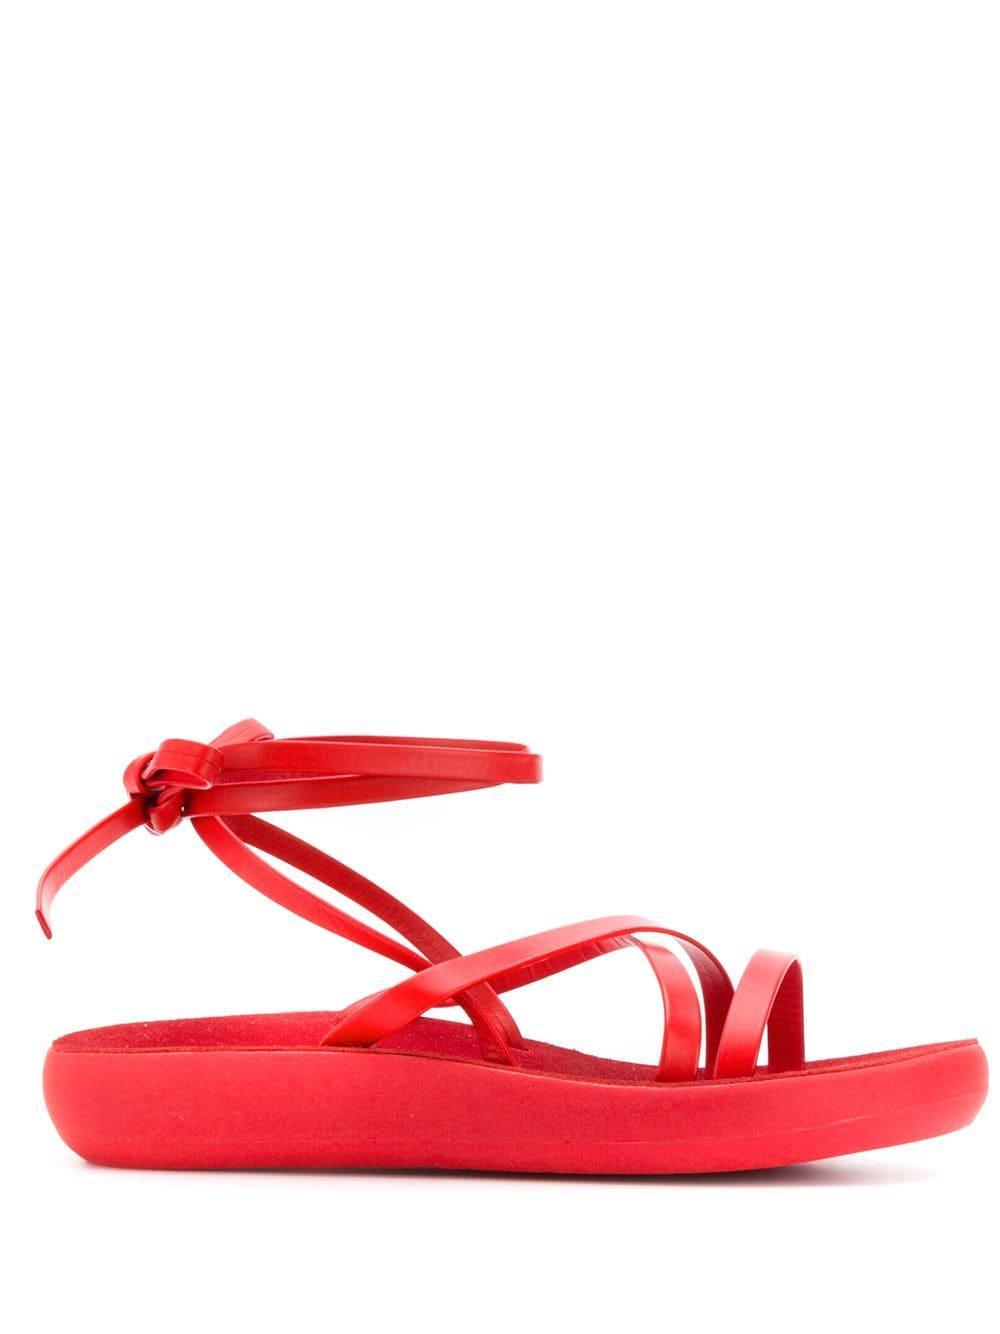 Tira El Sandalias Sandals Greek Rojo Ancient De Con Color En Tobillo ZiPukX